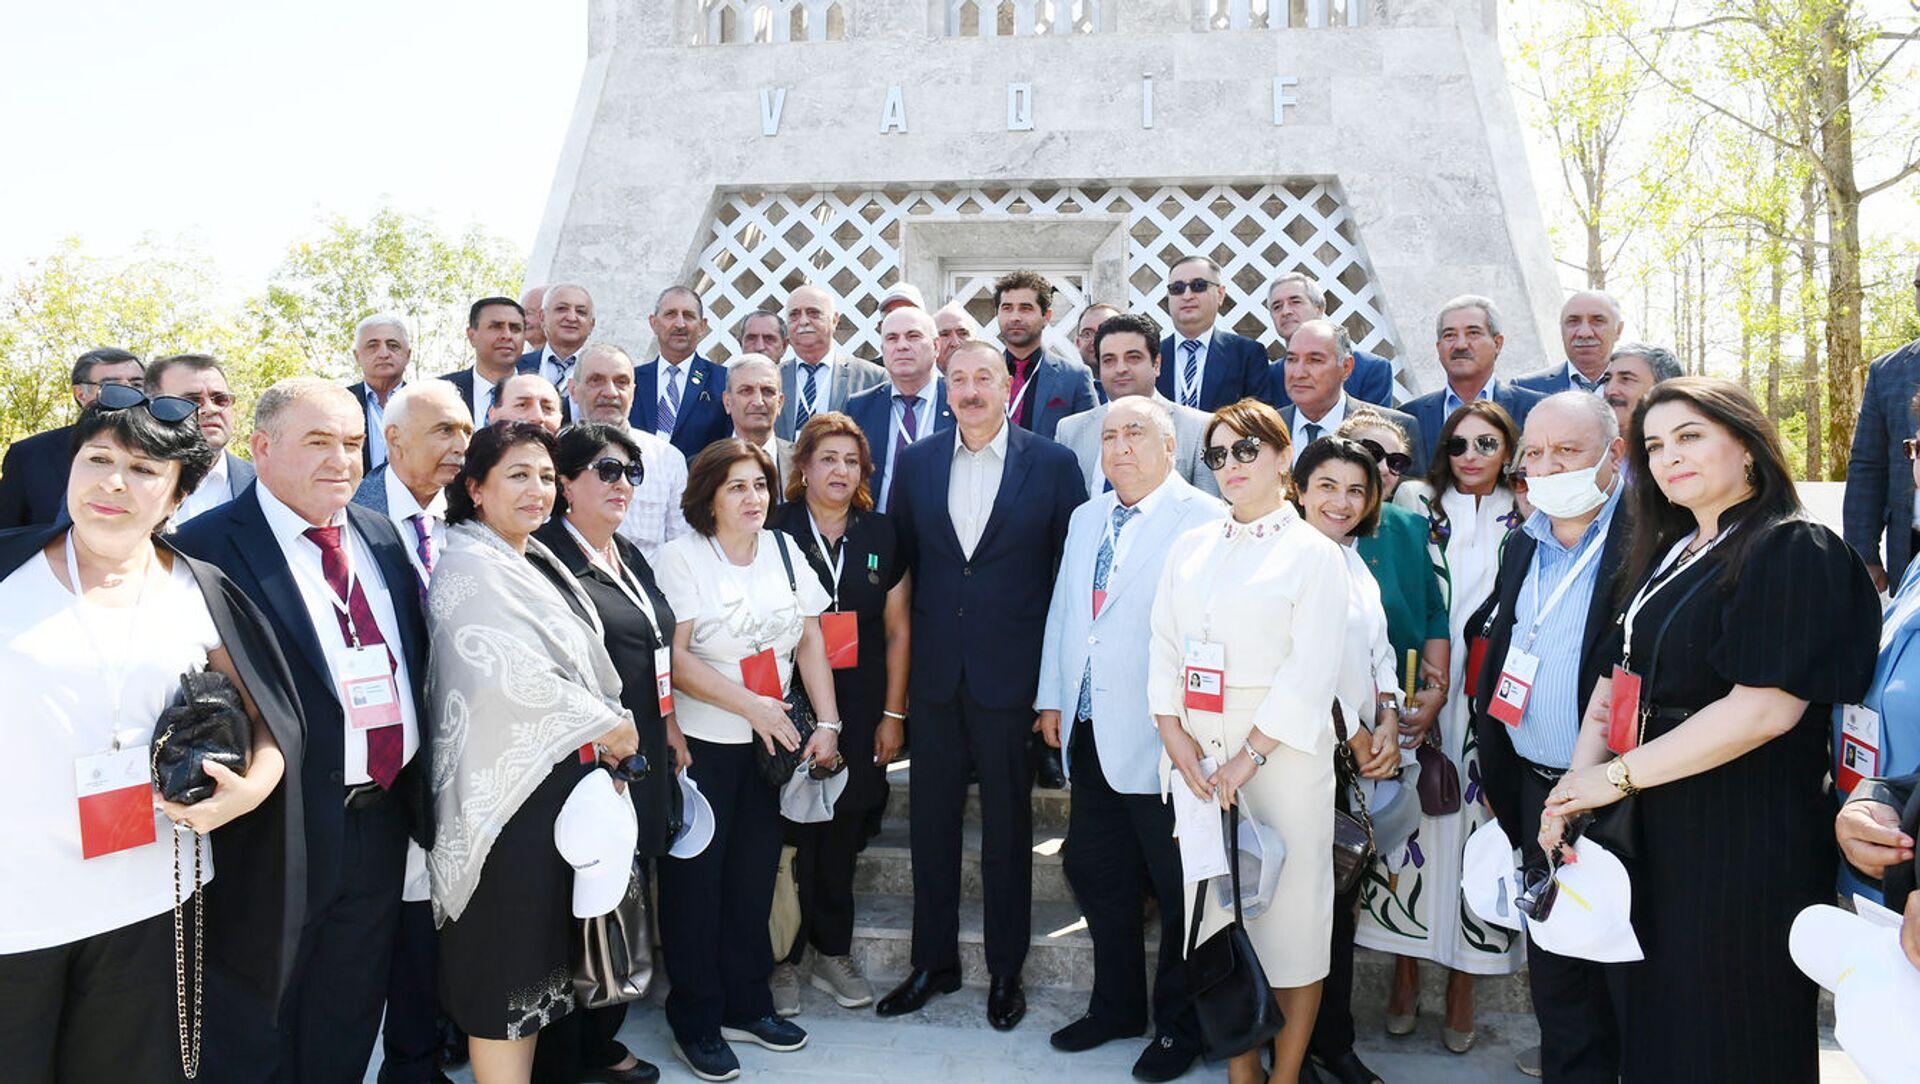 Prezident İlham Əliyev Şuşada Vaqif Poeziya Günlərinin açılışında - Sputnik Azərbaycan, 1920, 02.09.2021